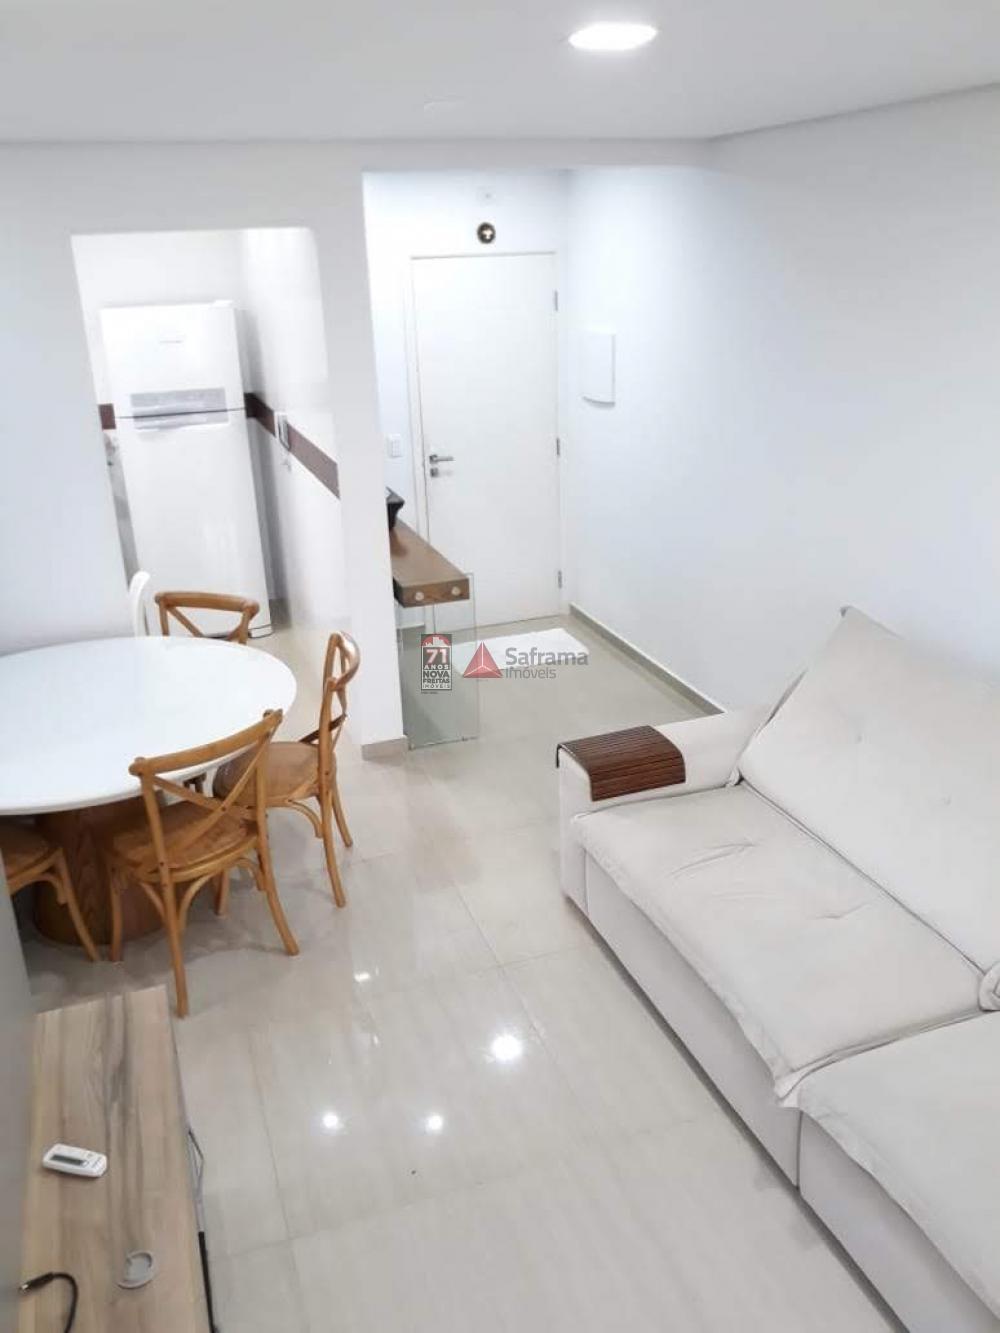 Comprar Apartamento / Padrão em Caraguatatuba apenas R$ 450.000,00 - Foto 2